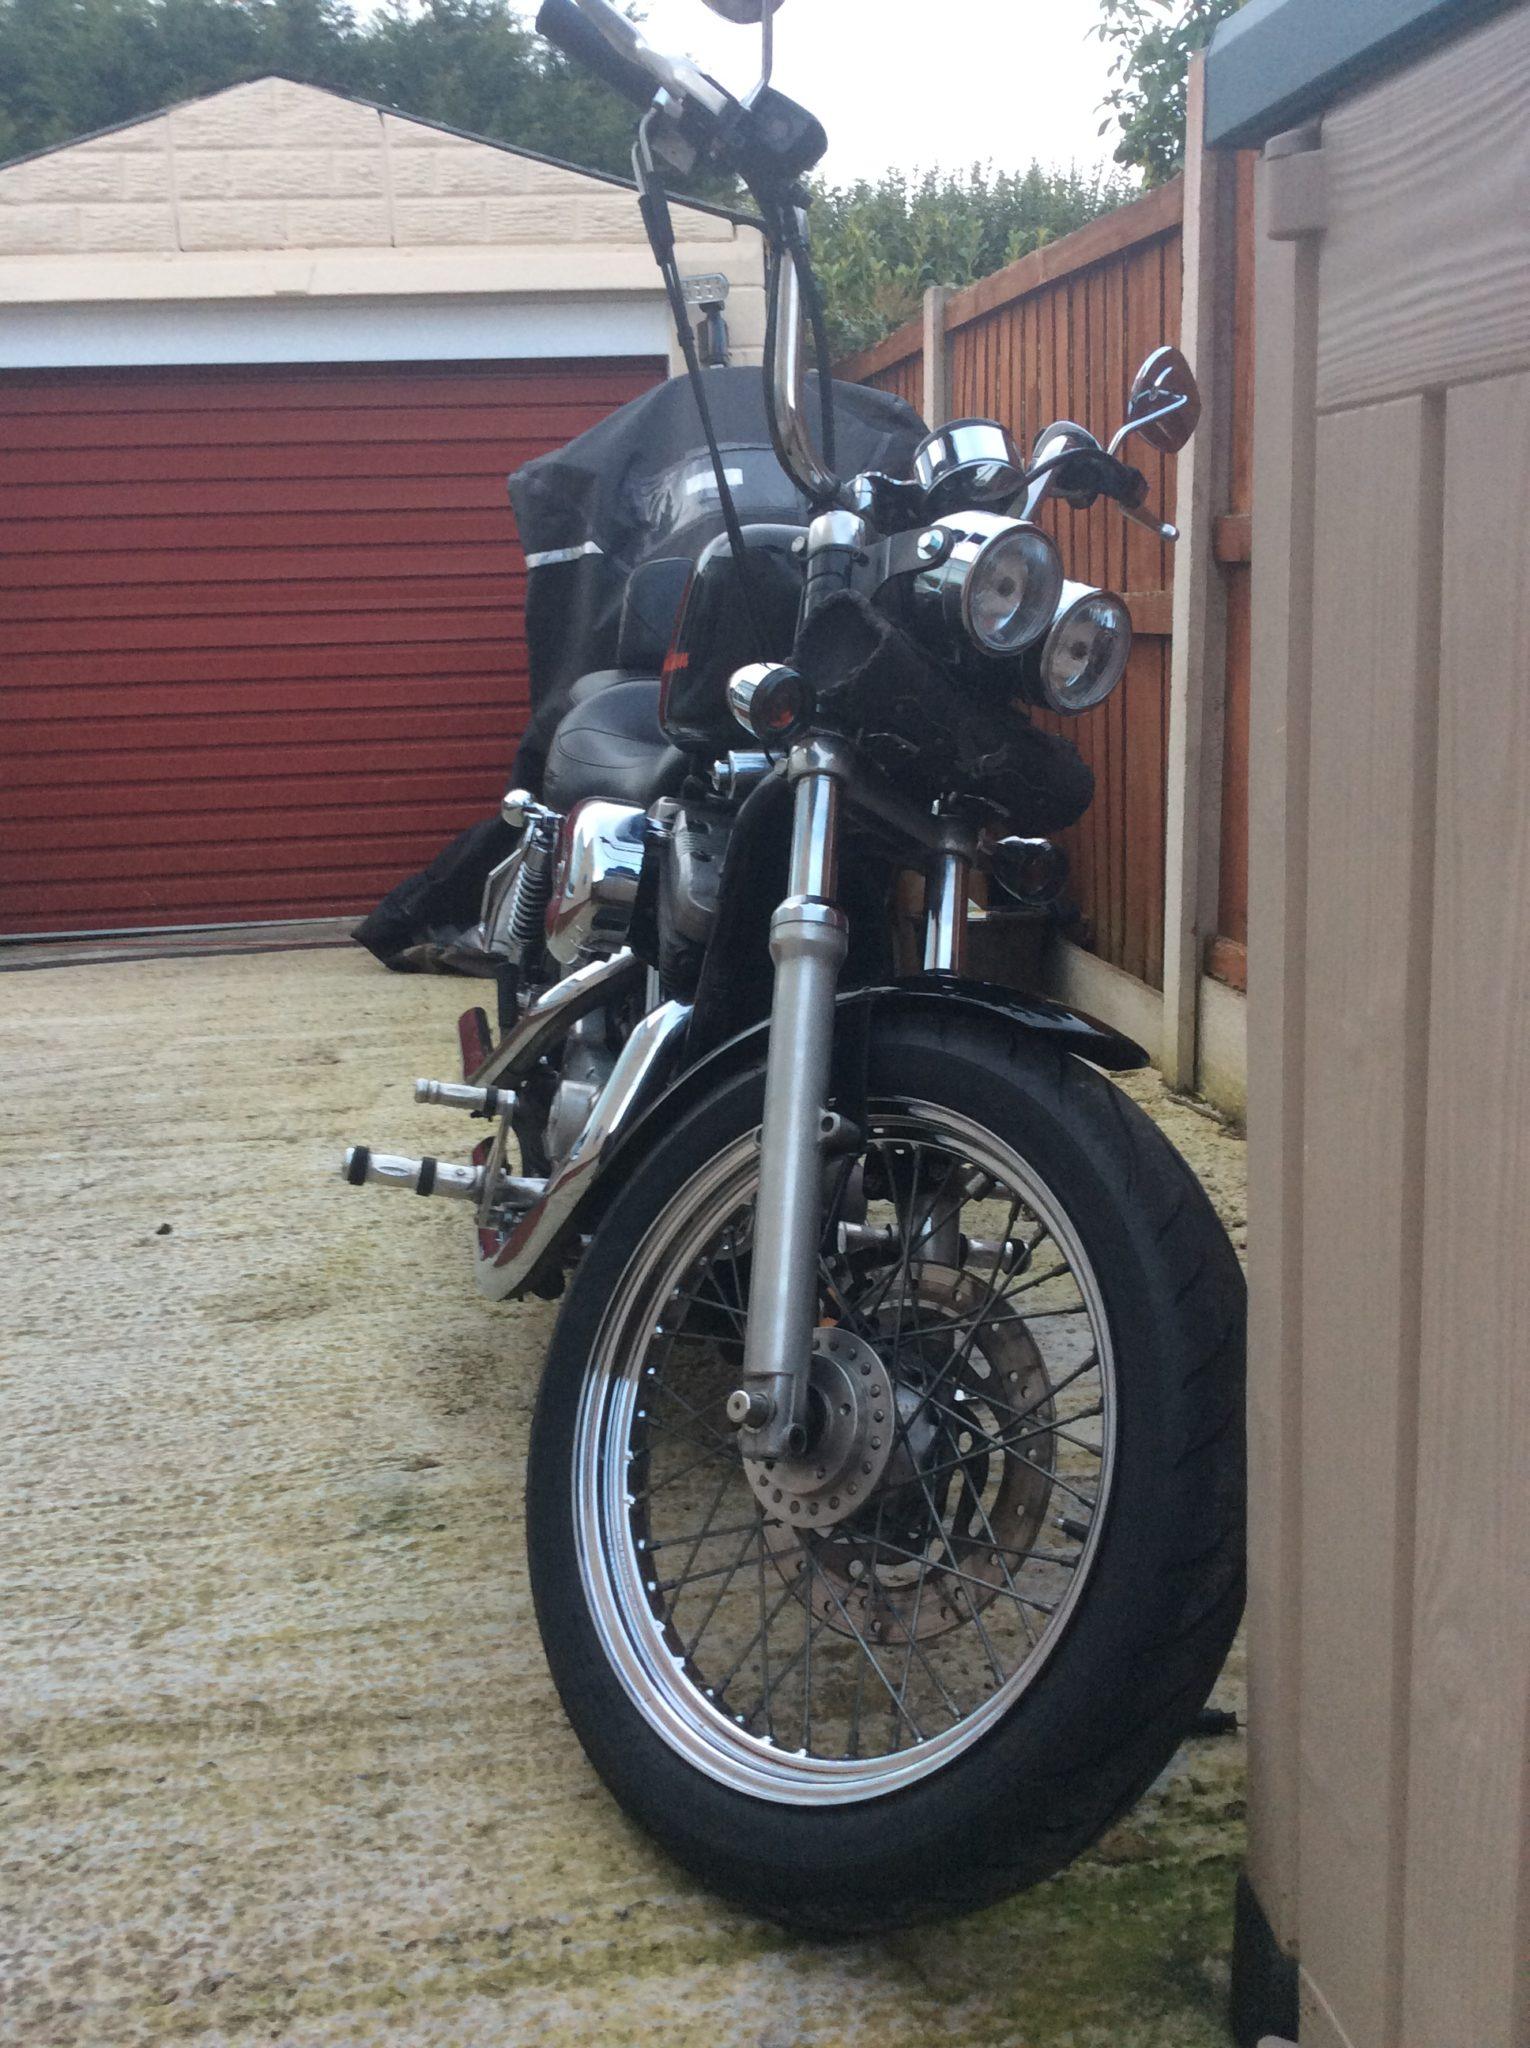 Andrew Saul – Harley Davidson Sportster 883 2